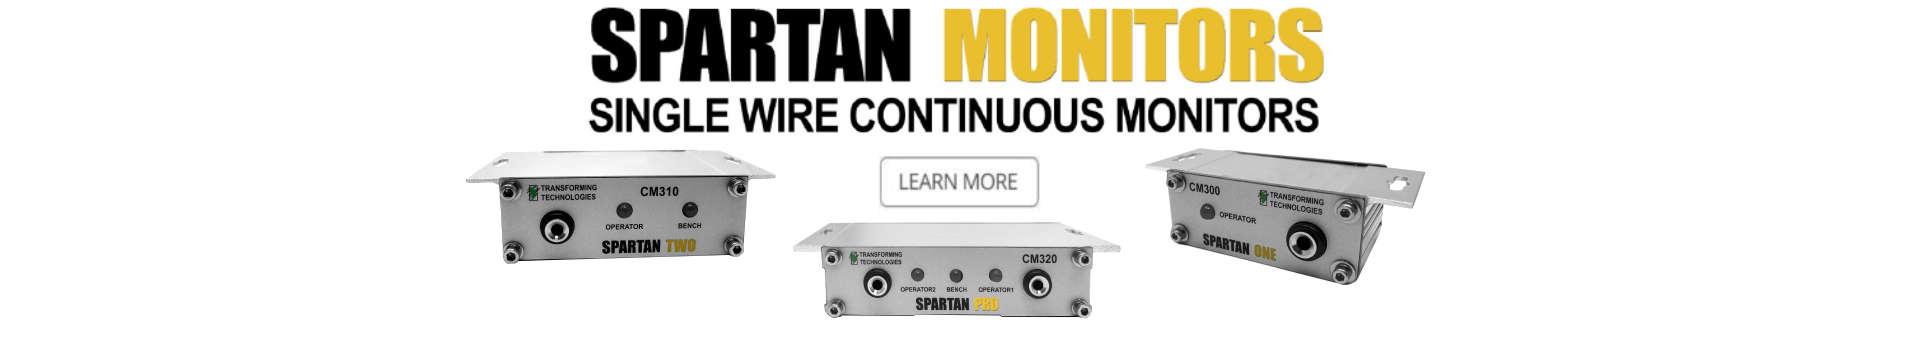 Spartan Monitors